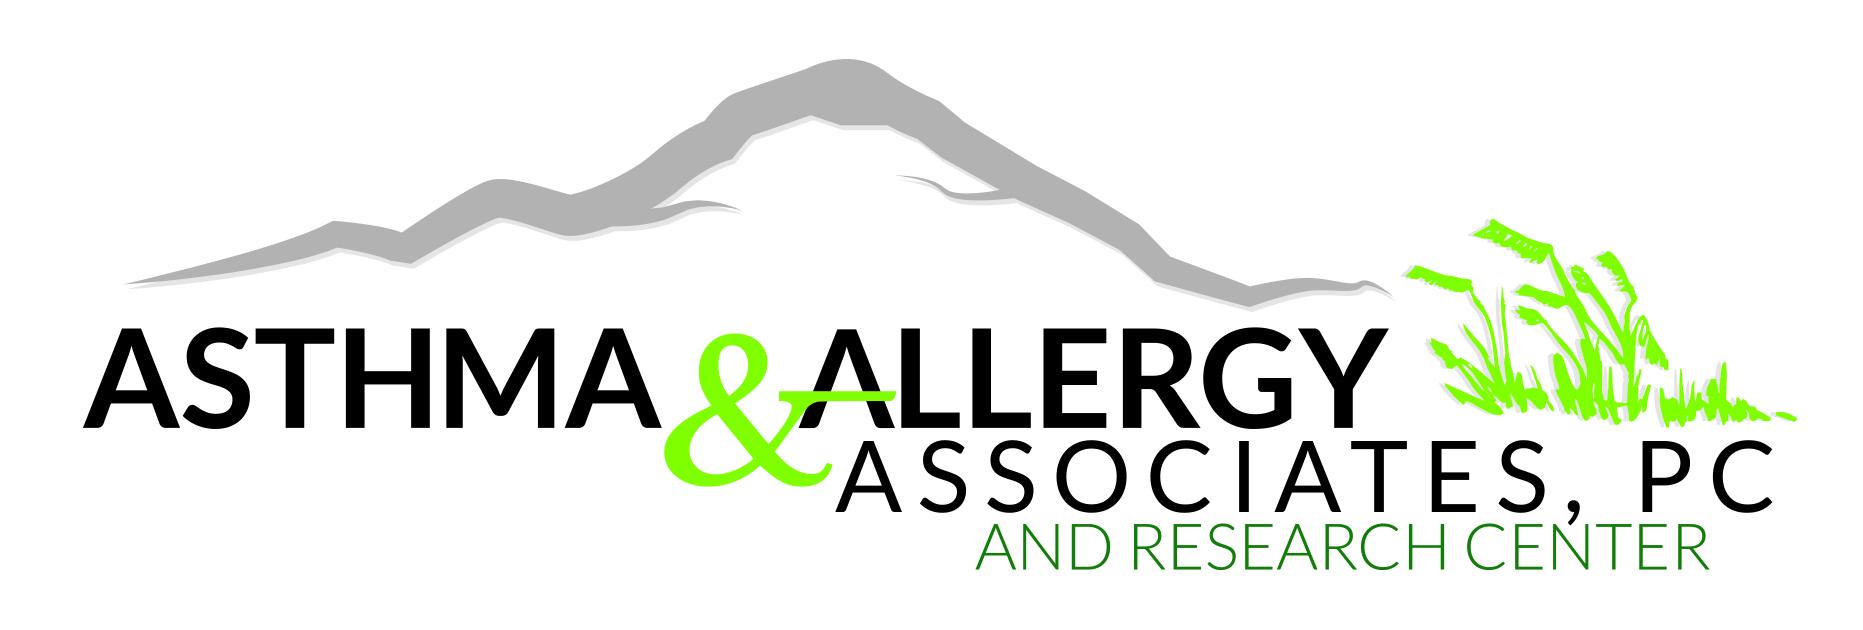 Asthma & Allergy Associates, P.C.